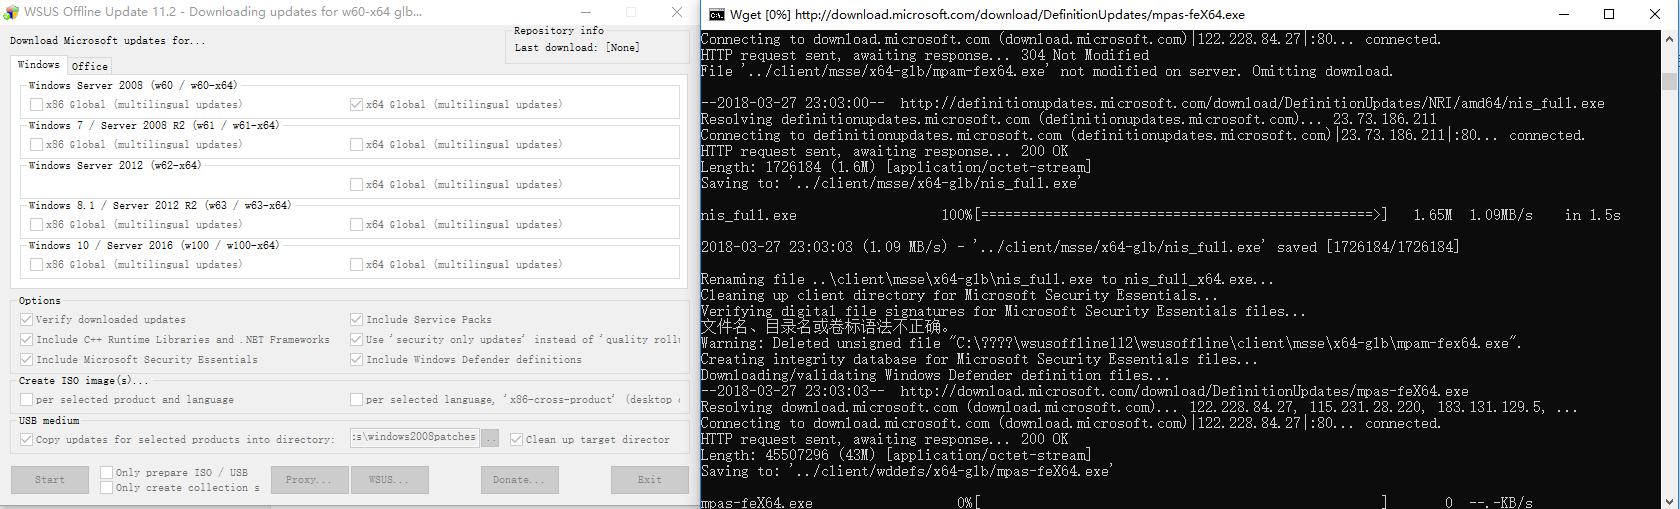 使用WSUS离线下载补丁并安装在非联网的windows系统中(以Windows